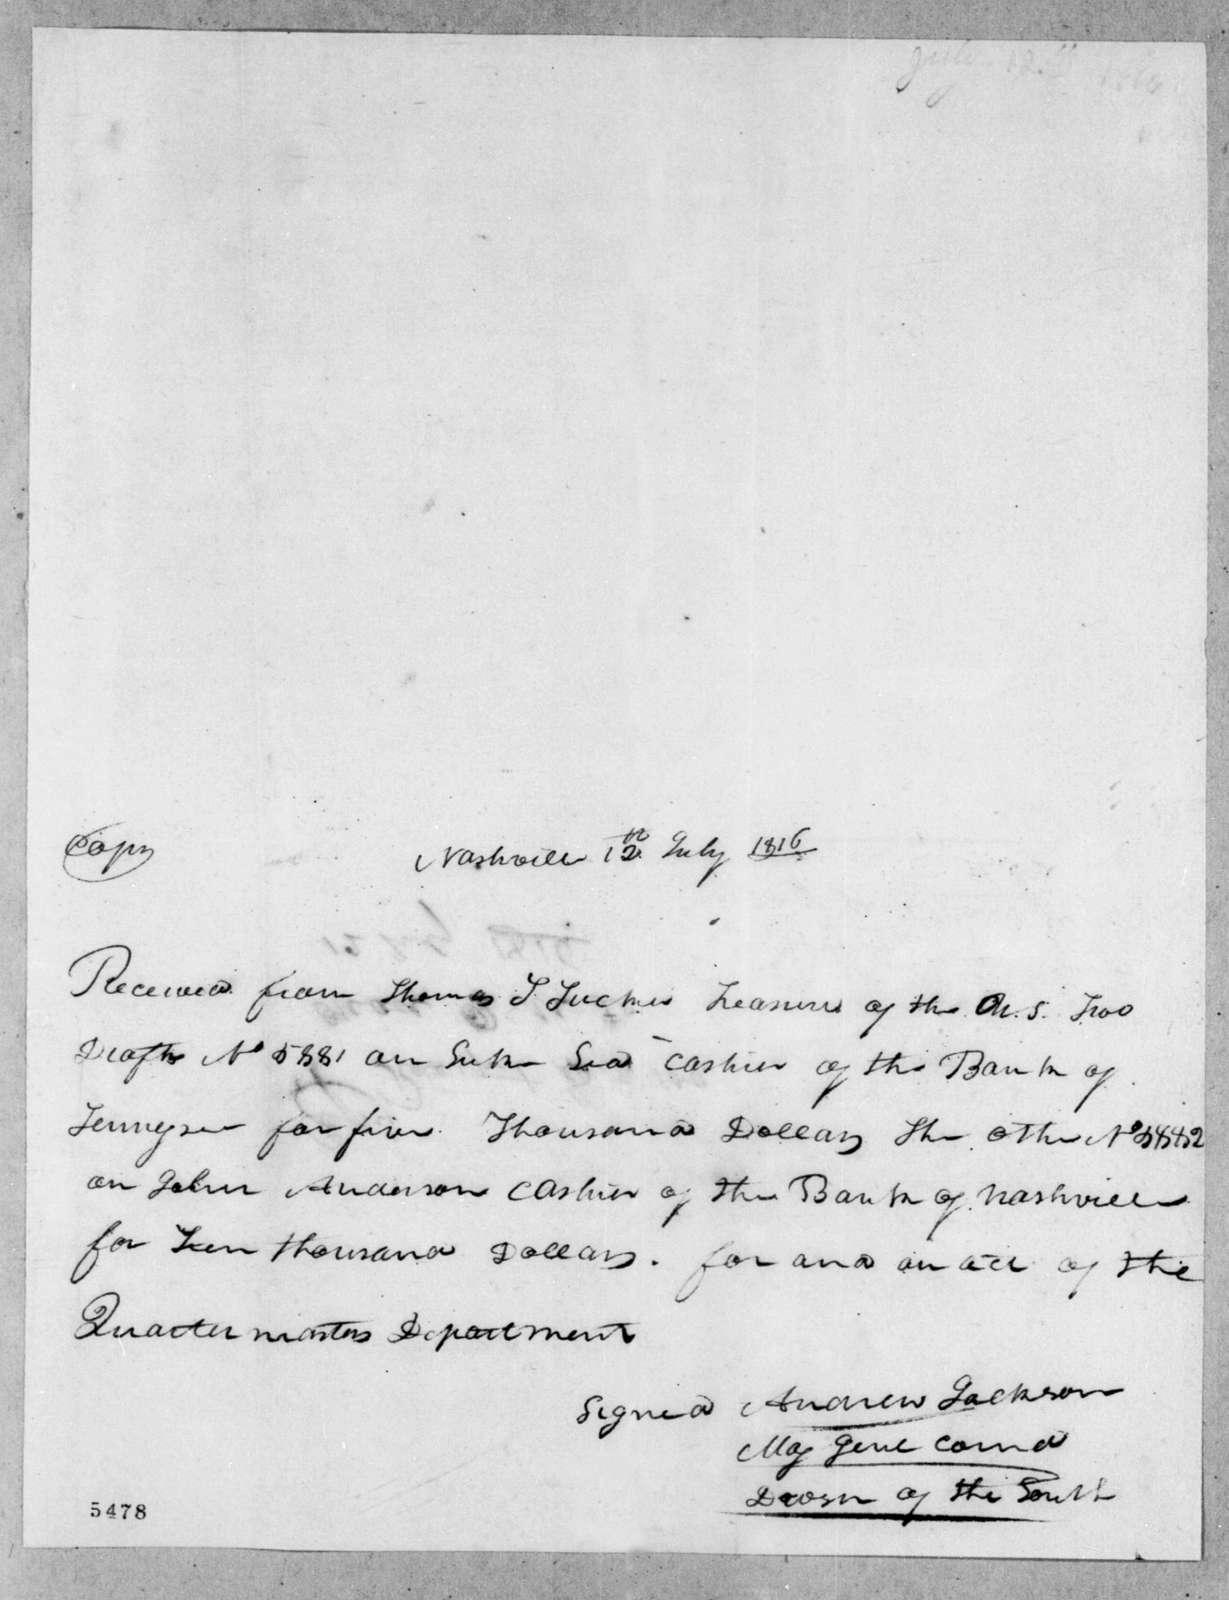 Andrew Jackson to Thomas Tudor Tucker, July 12, 1816